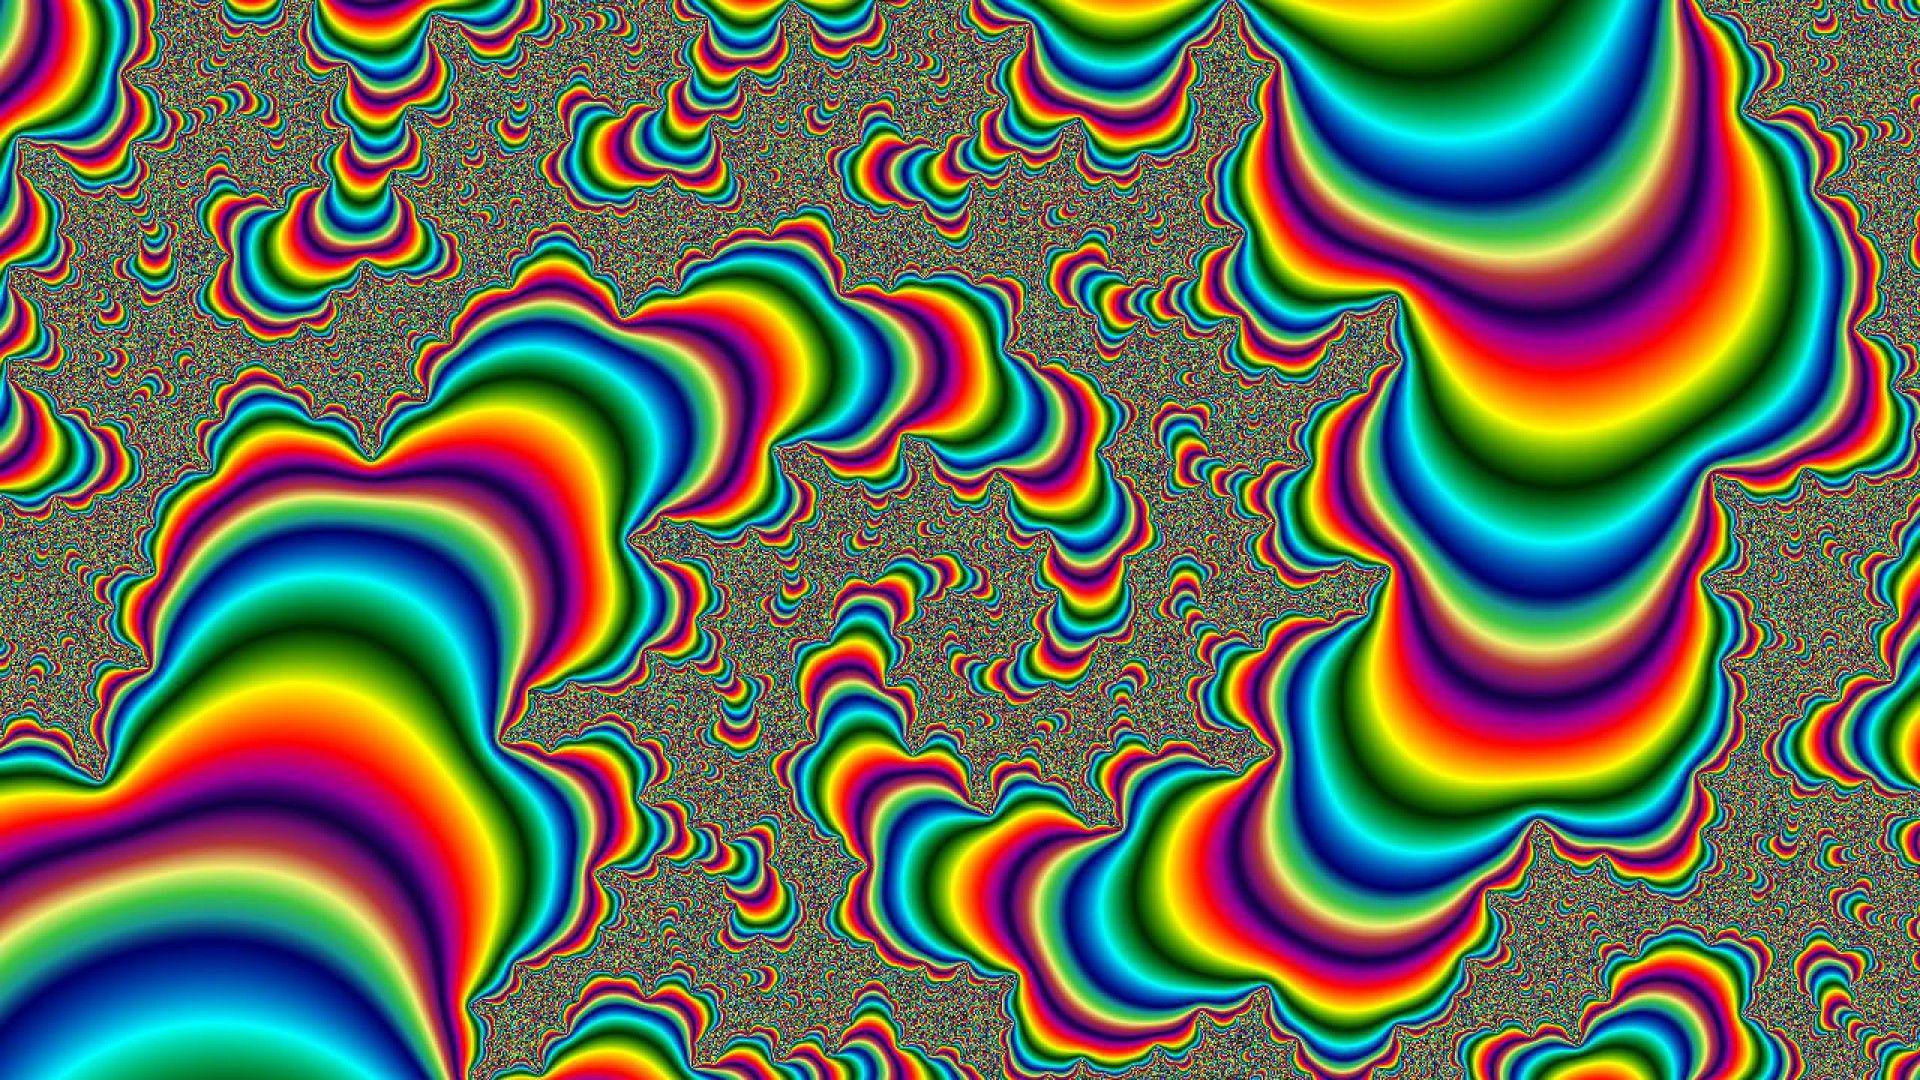 Psychedelic Moving Wallpaper Art psychédélique, Abstrait